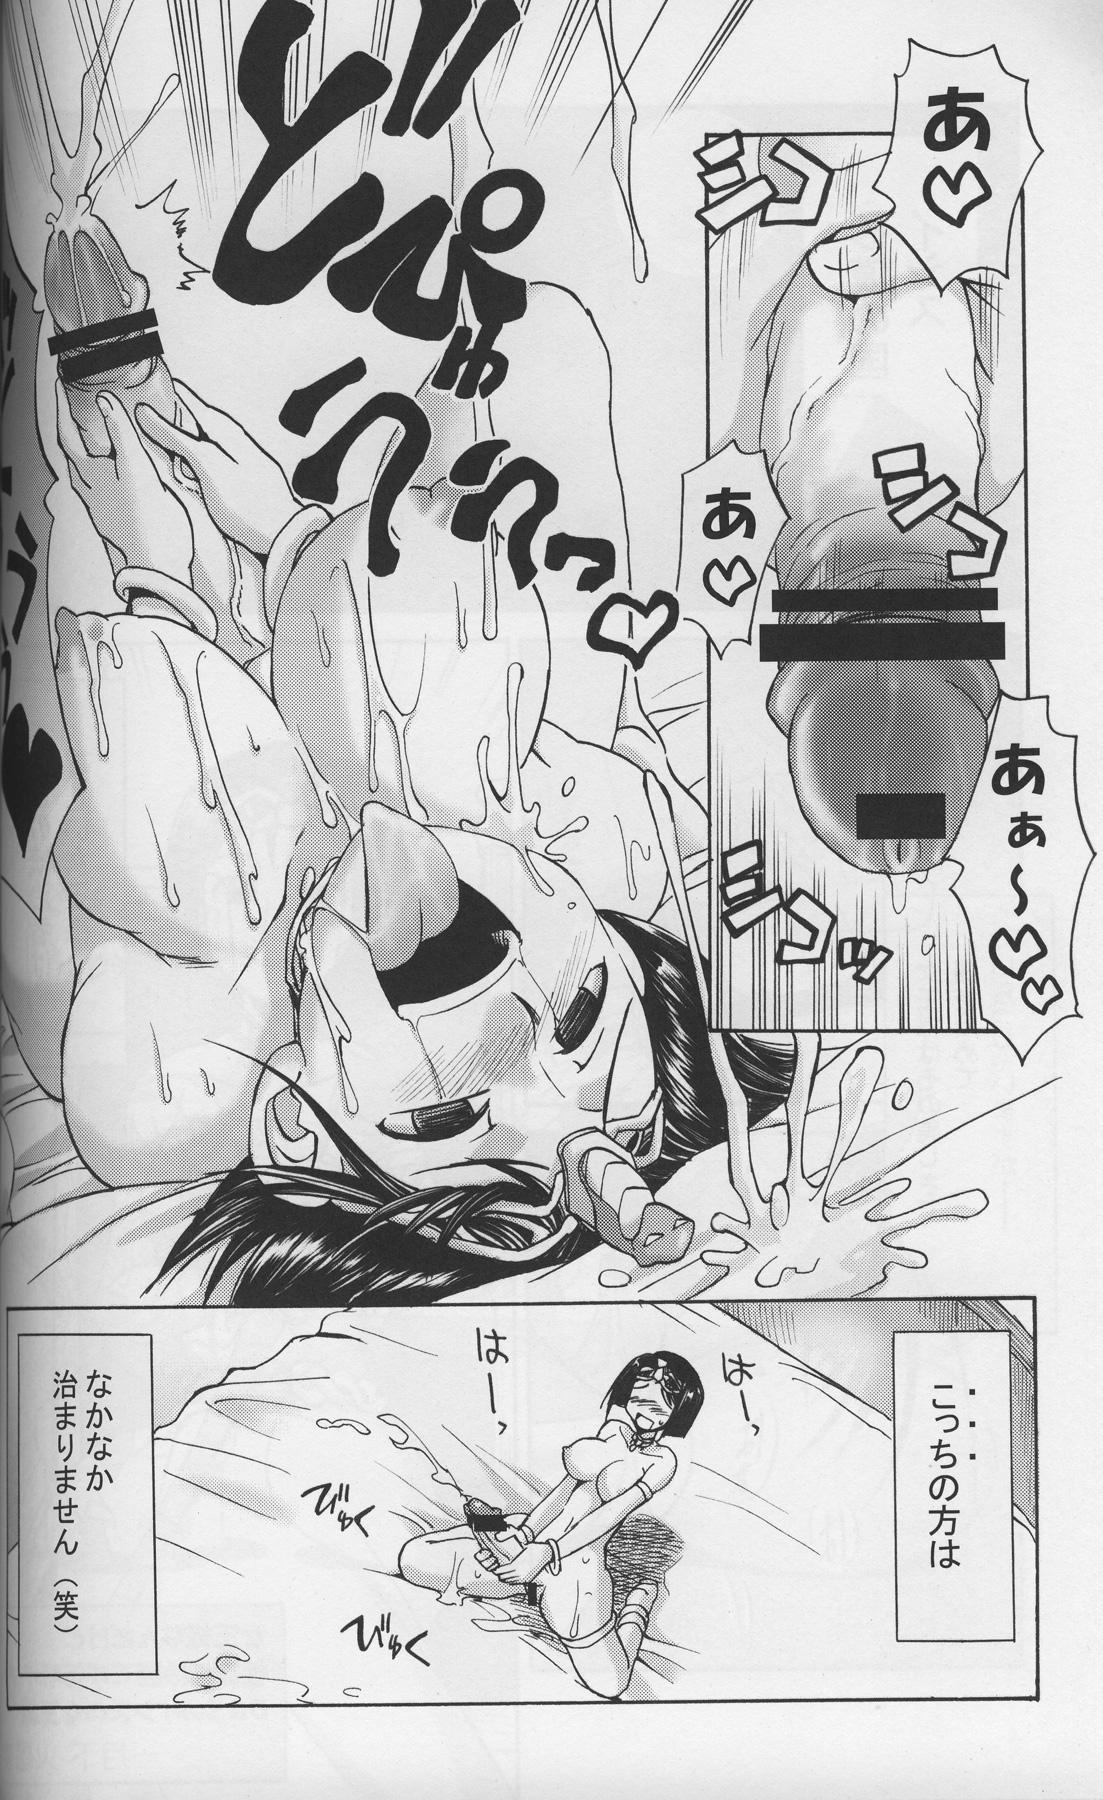 Komakasugite Tsutawaranai Ero Doujin Senshuken Haru no Nijikan SPECIAL 2